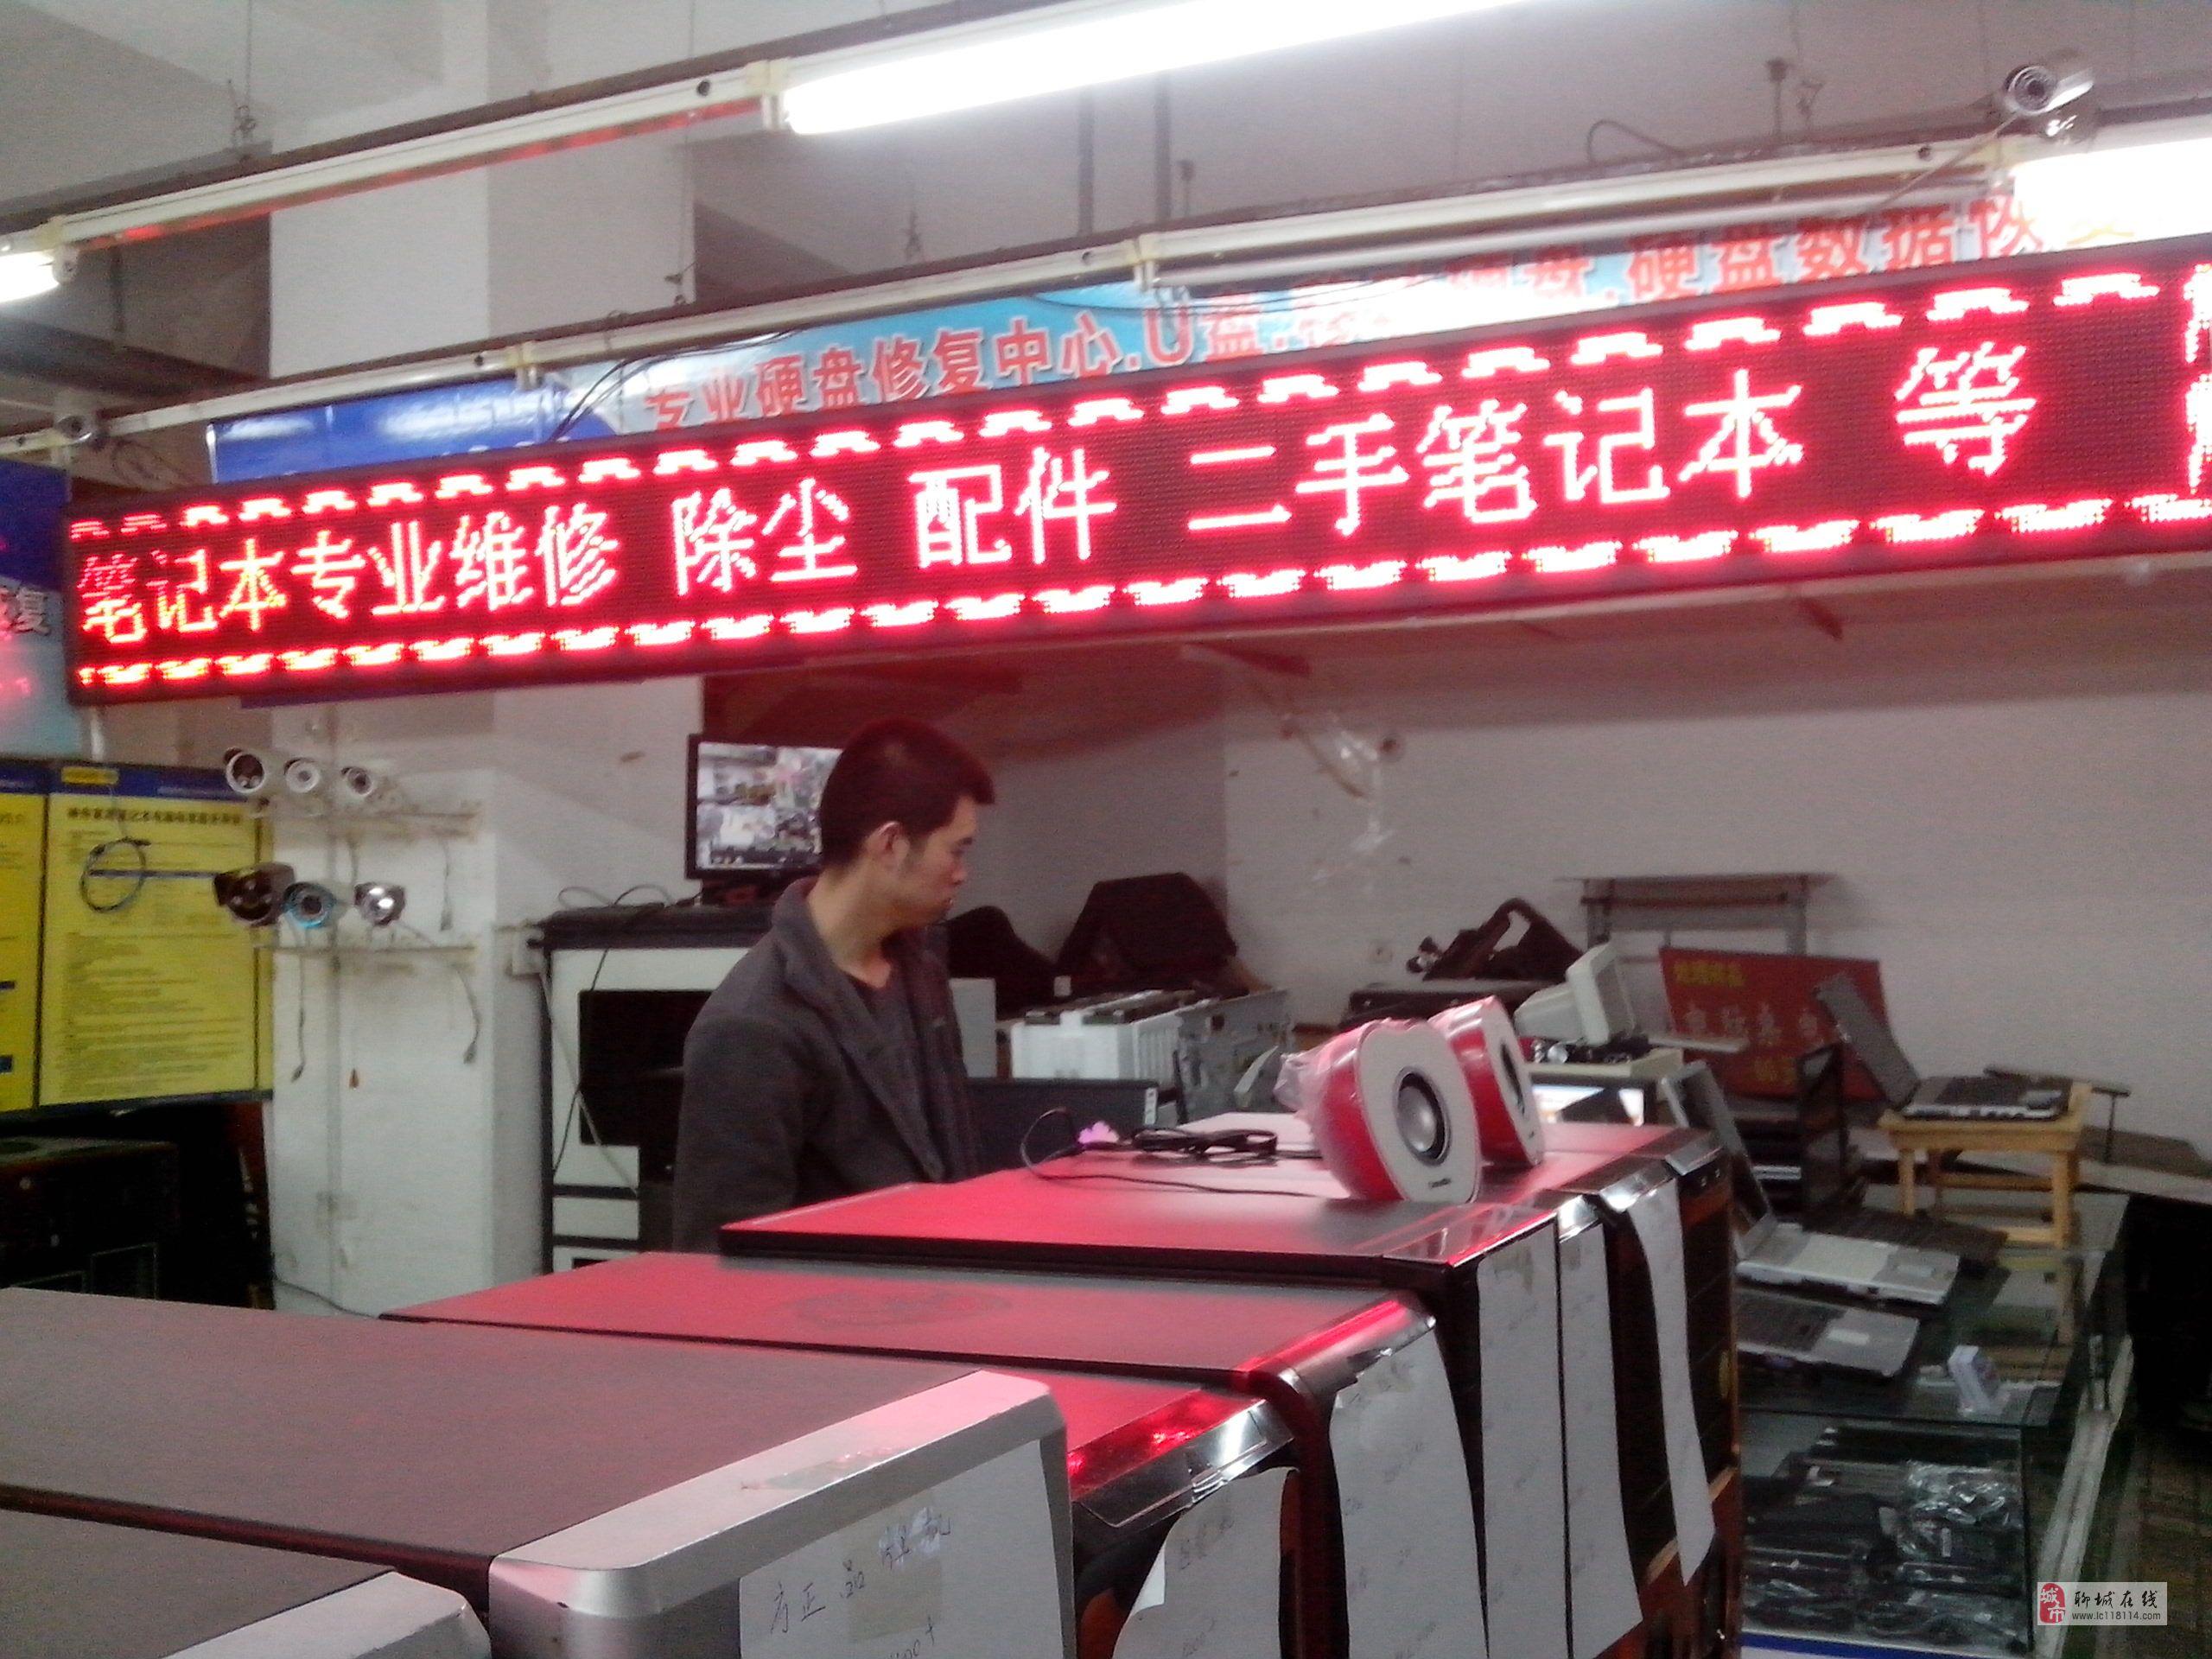 闸口科技市场电脑维修部